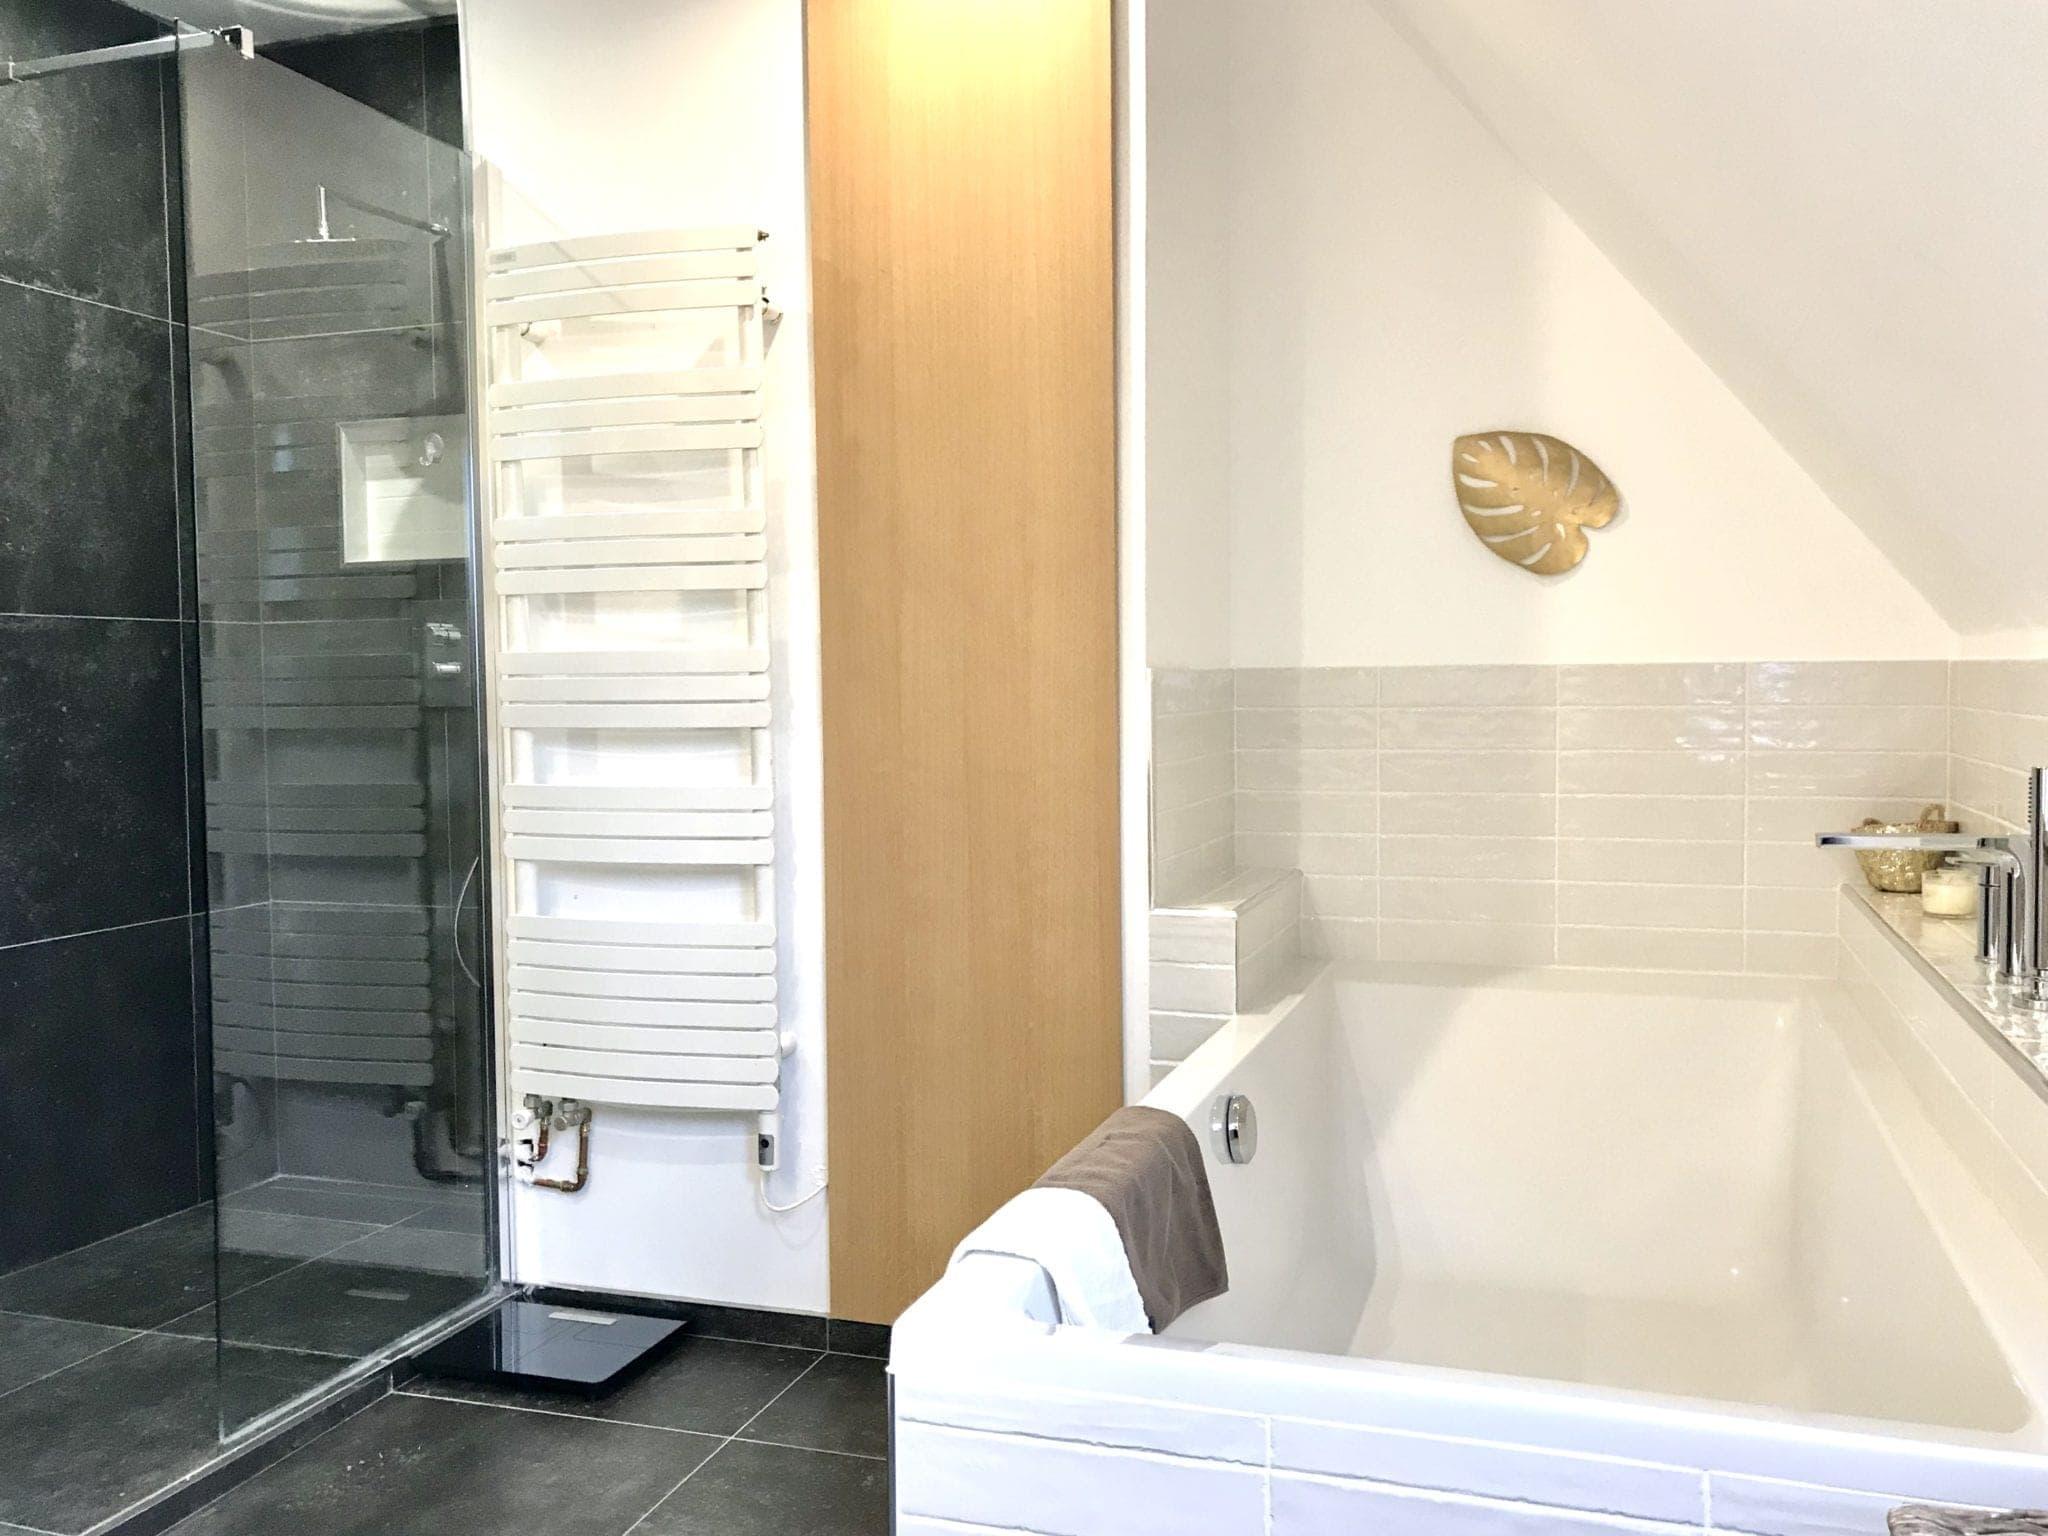 salle de bain avec grande baignoire 190 x 90 et douche 180 x 90